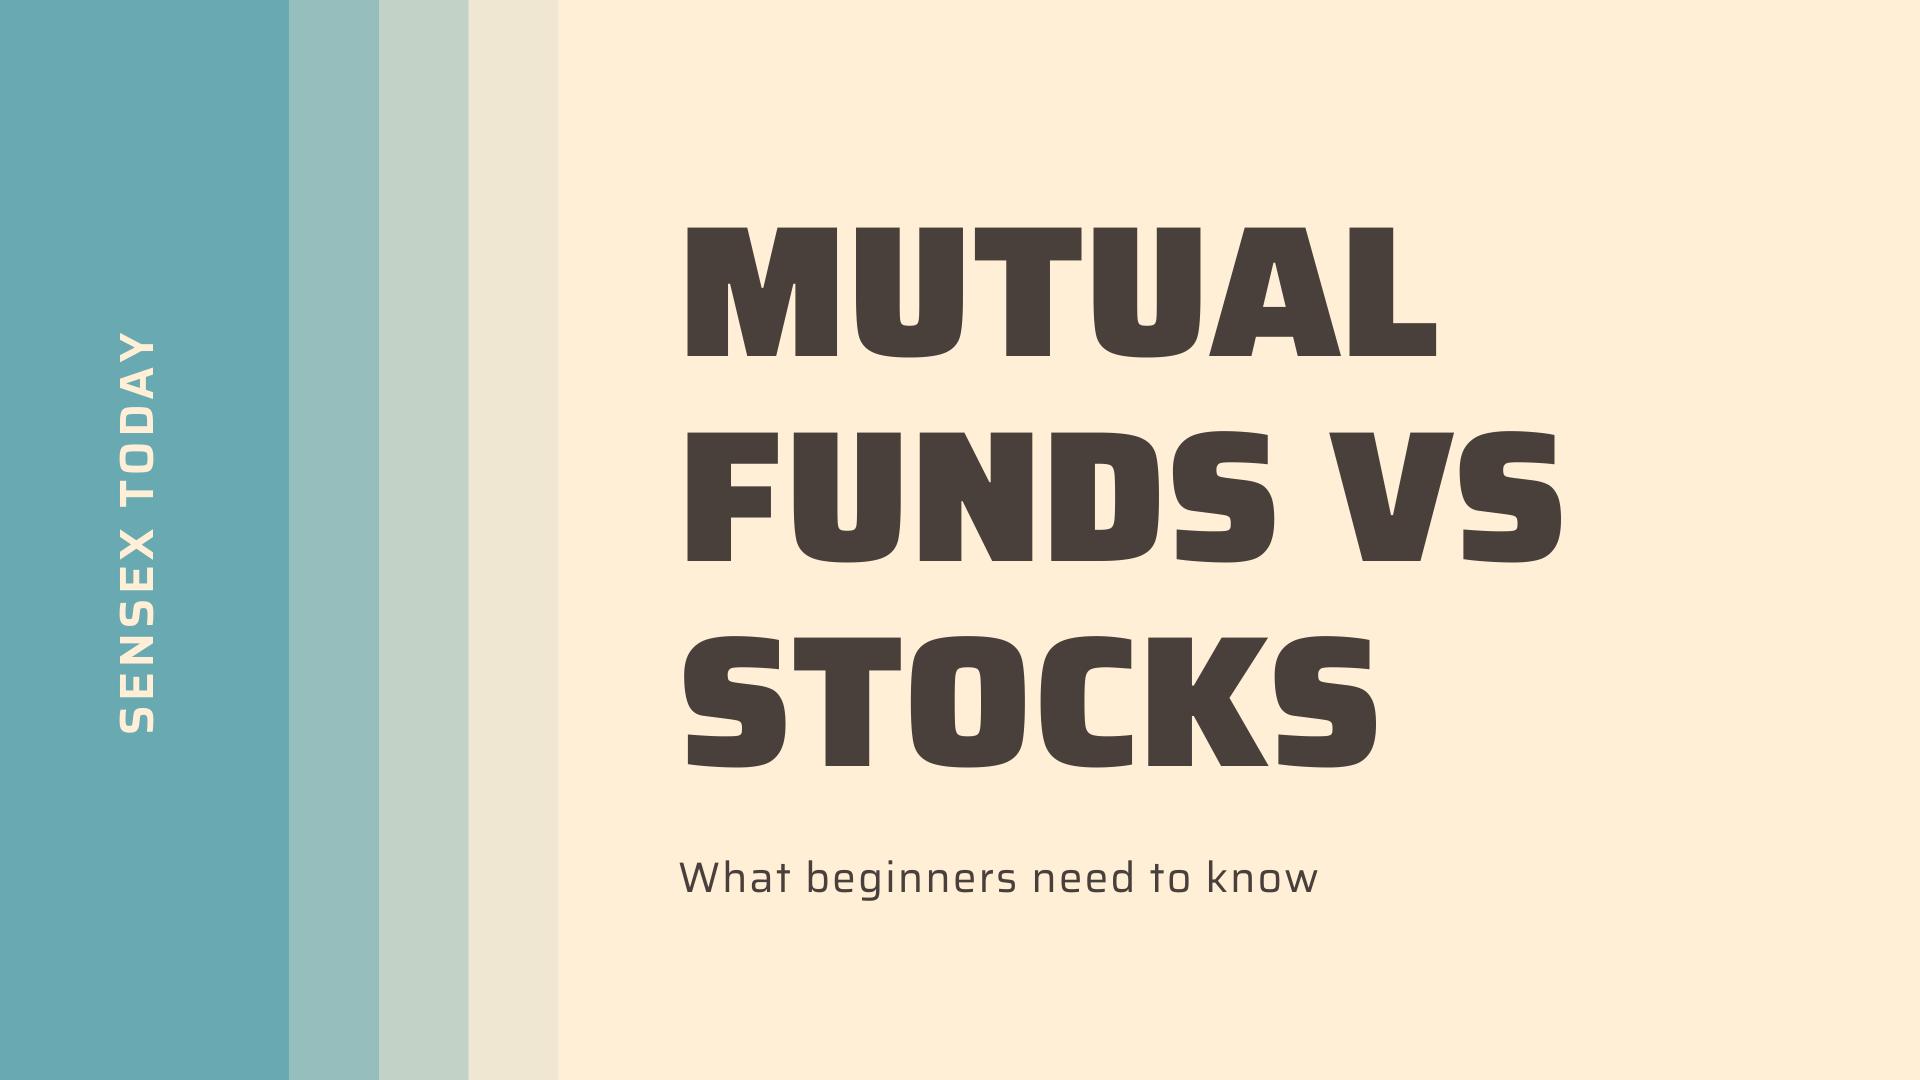 mutualfunds-stock